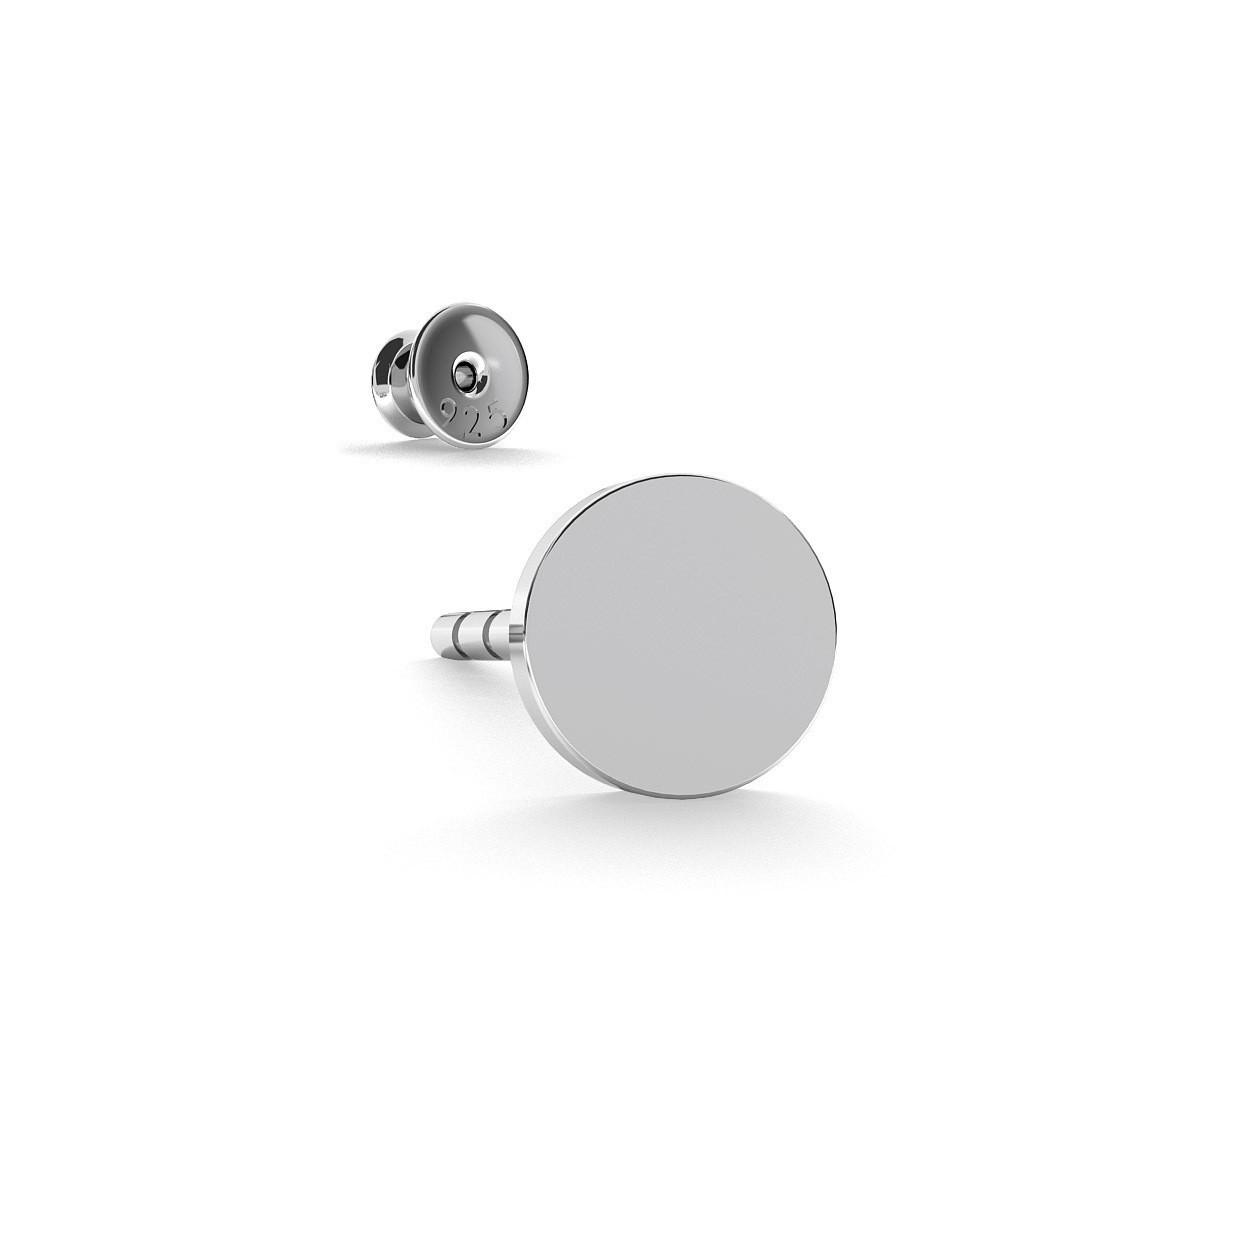 Srebrny kolczyk okrągła blaszka 4mm 925